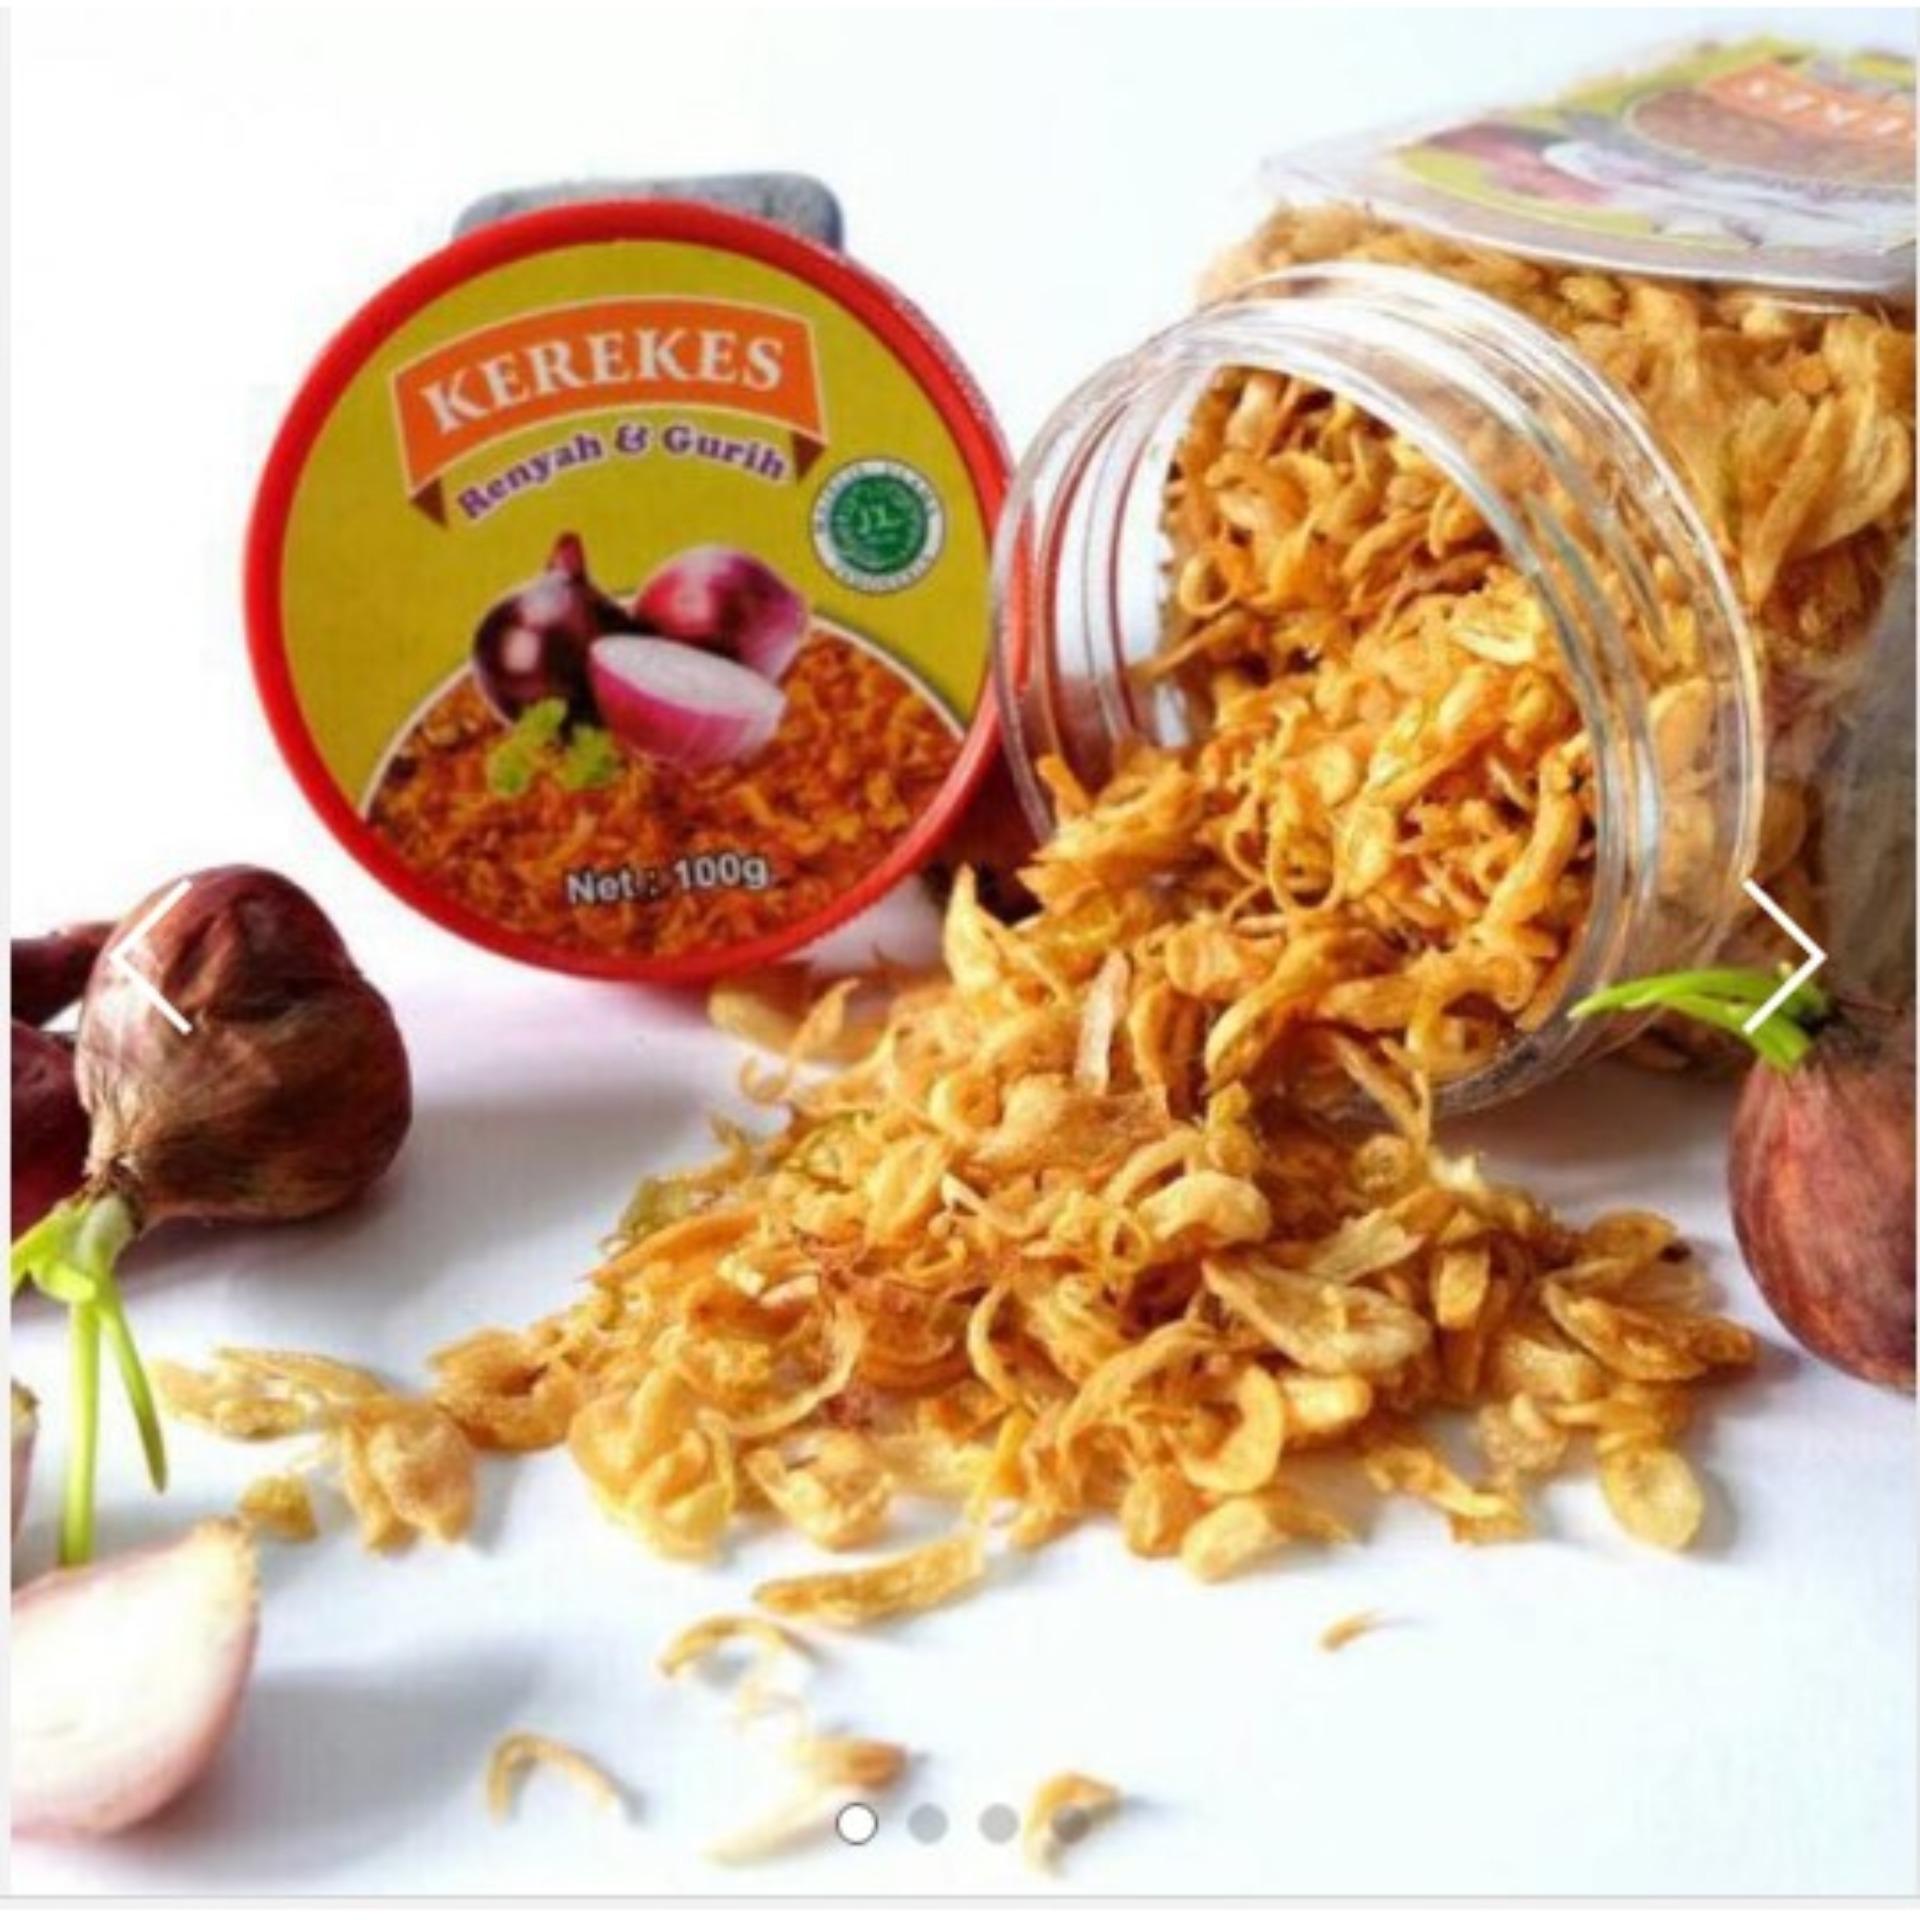 TokoSaSa Kerekes Bawang Goreng Kerekes Enak - Rasa Renyah Gurih dan Lezat Nett 100 gram/